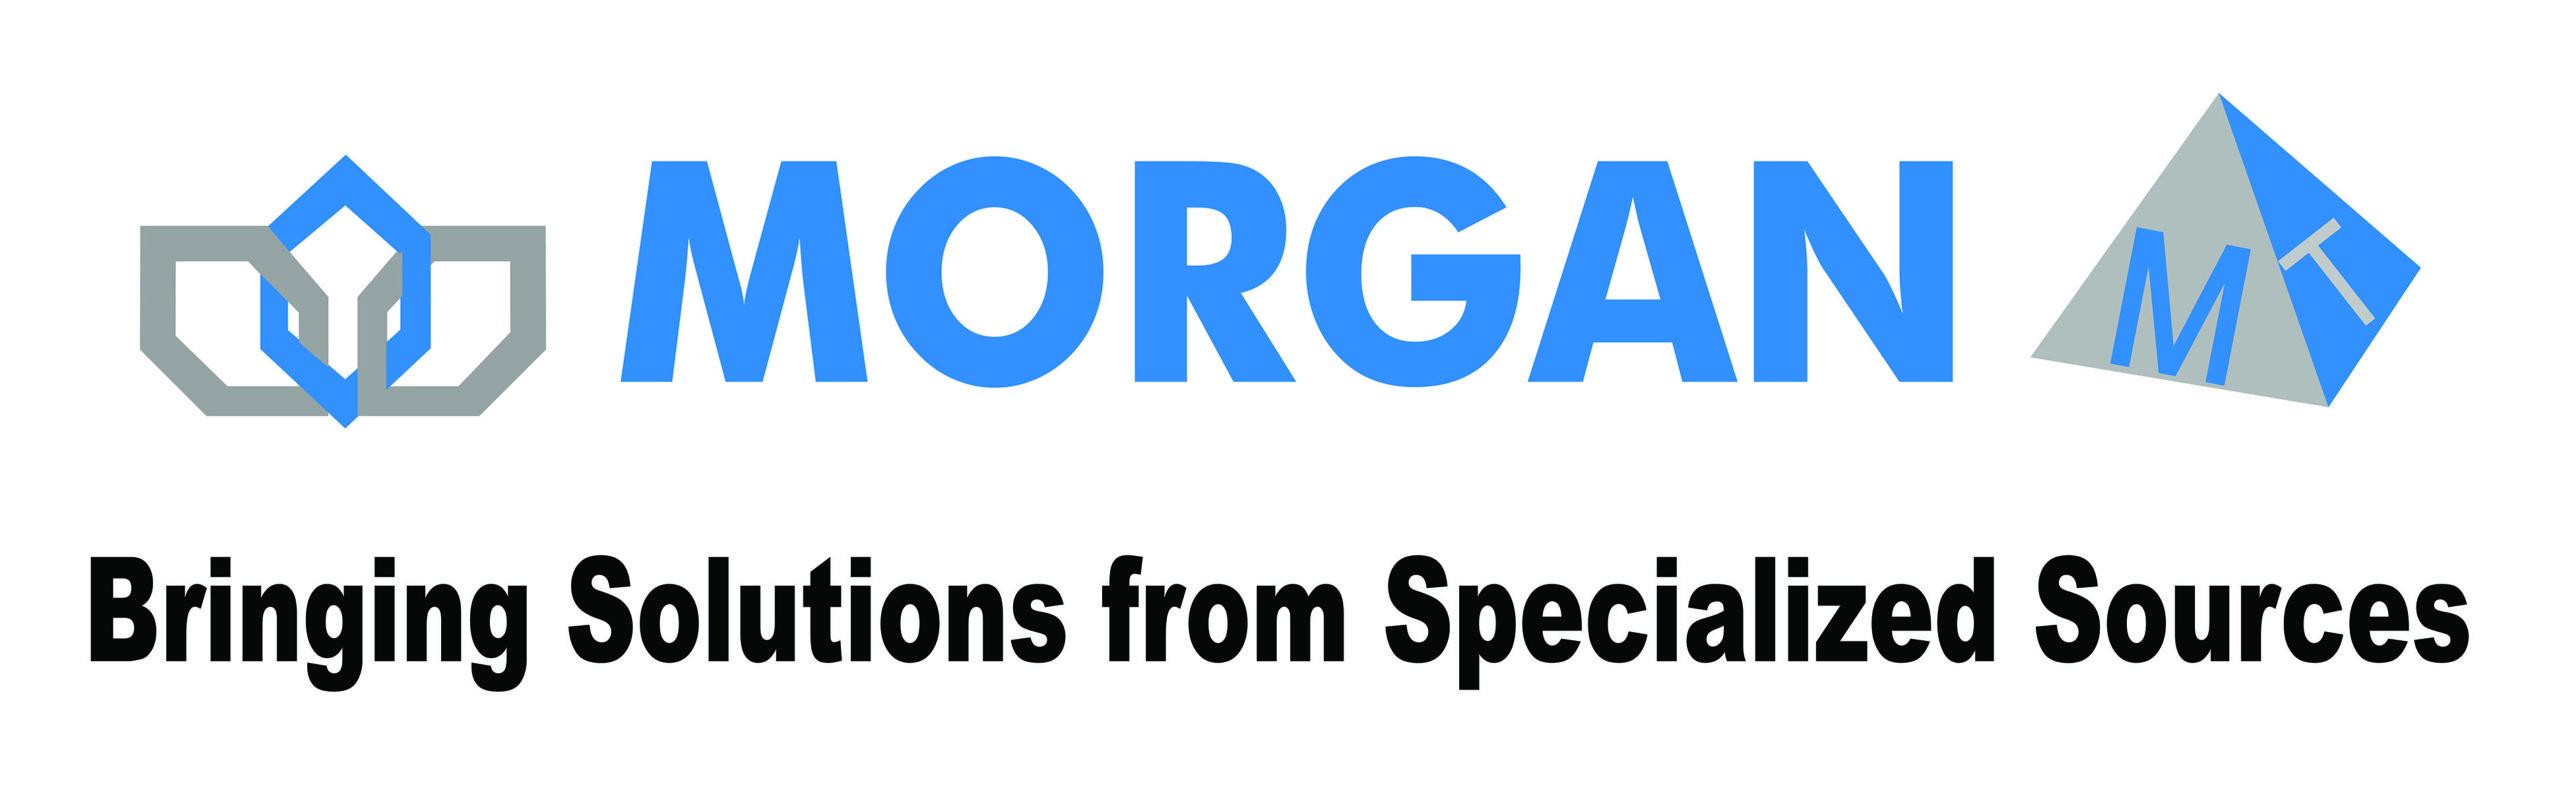 MORGAN CHEMICALS